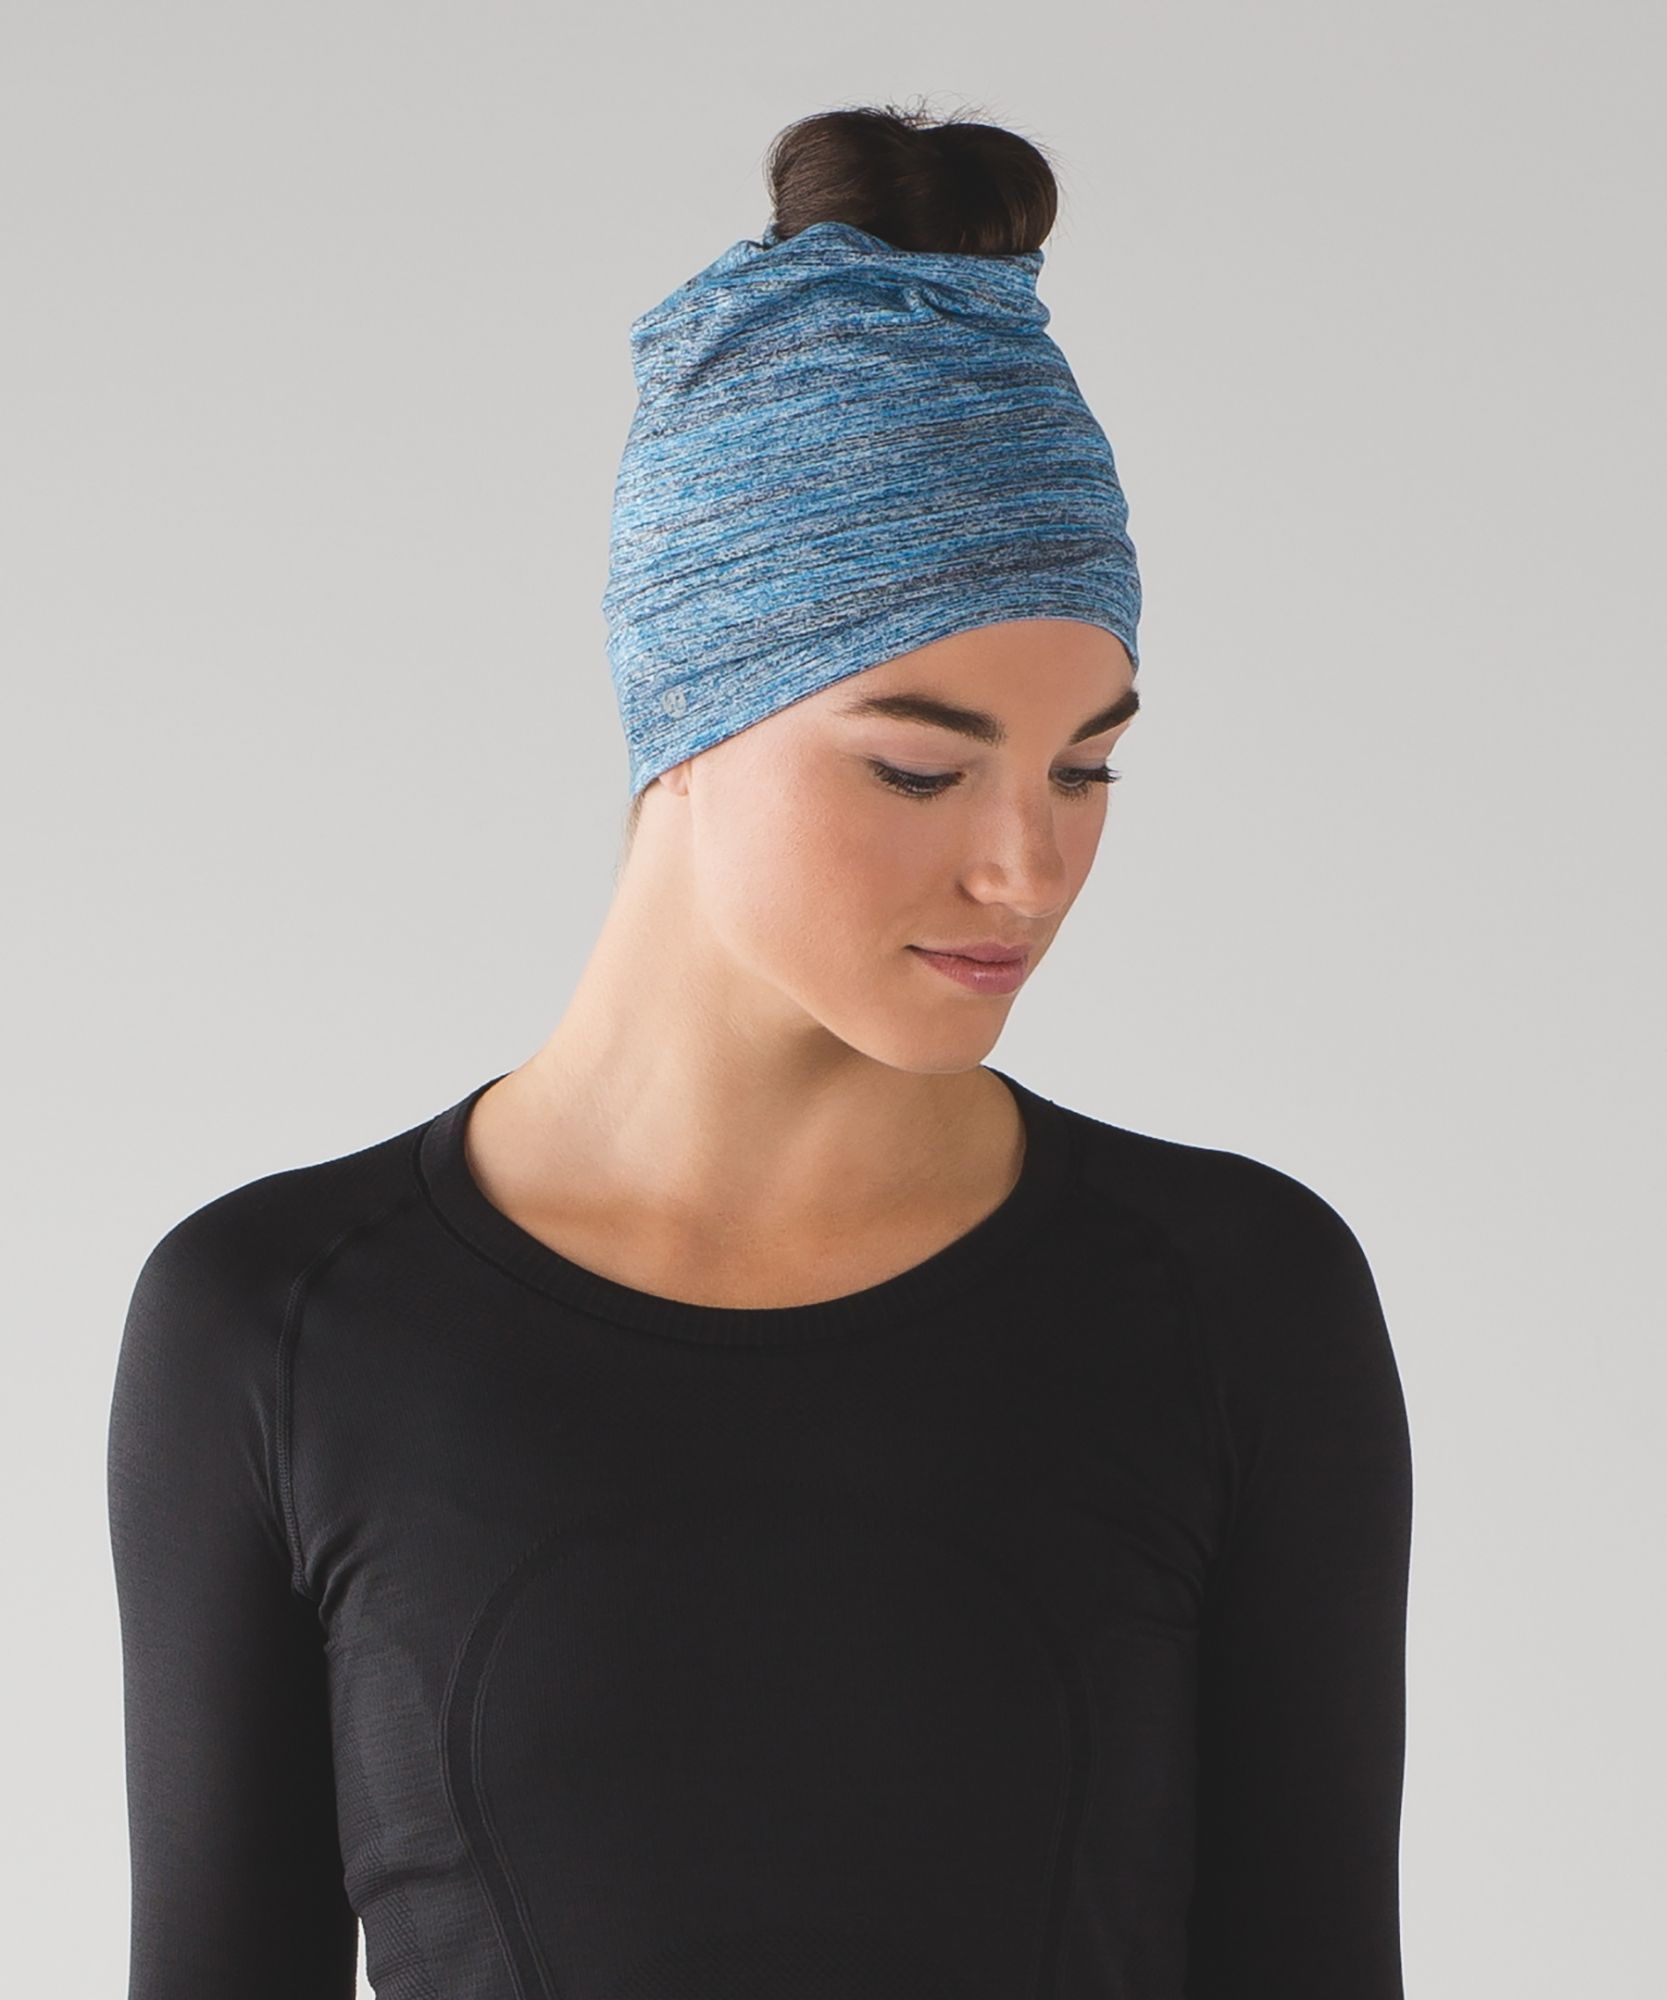 c0a063c4d Women's Beanie - Top Knot Toque - lululemon | Products | Hats, Hats ...